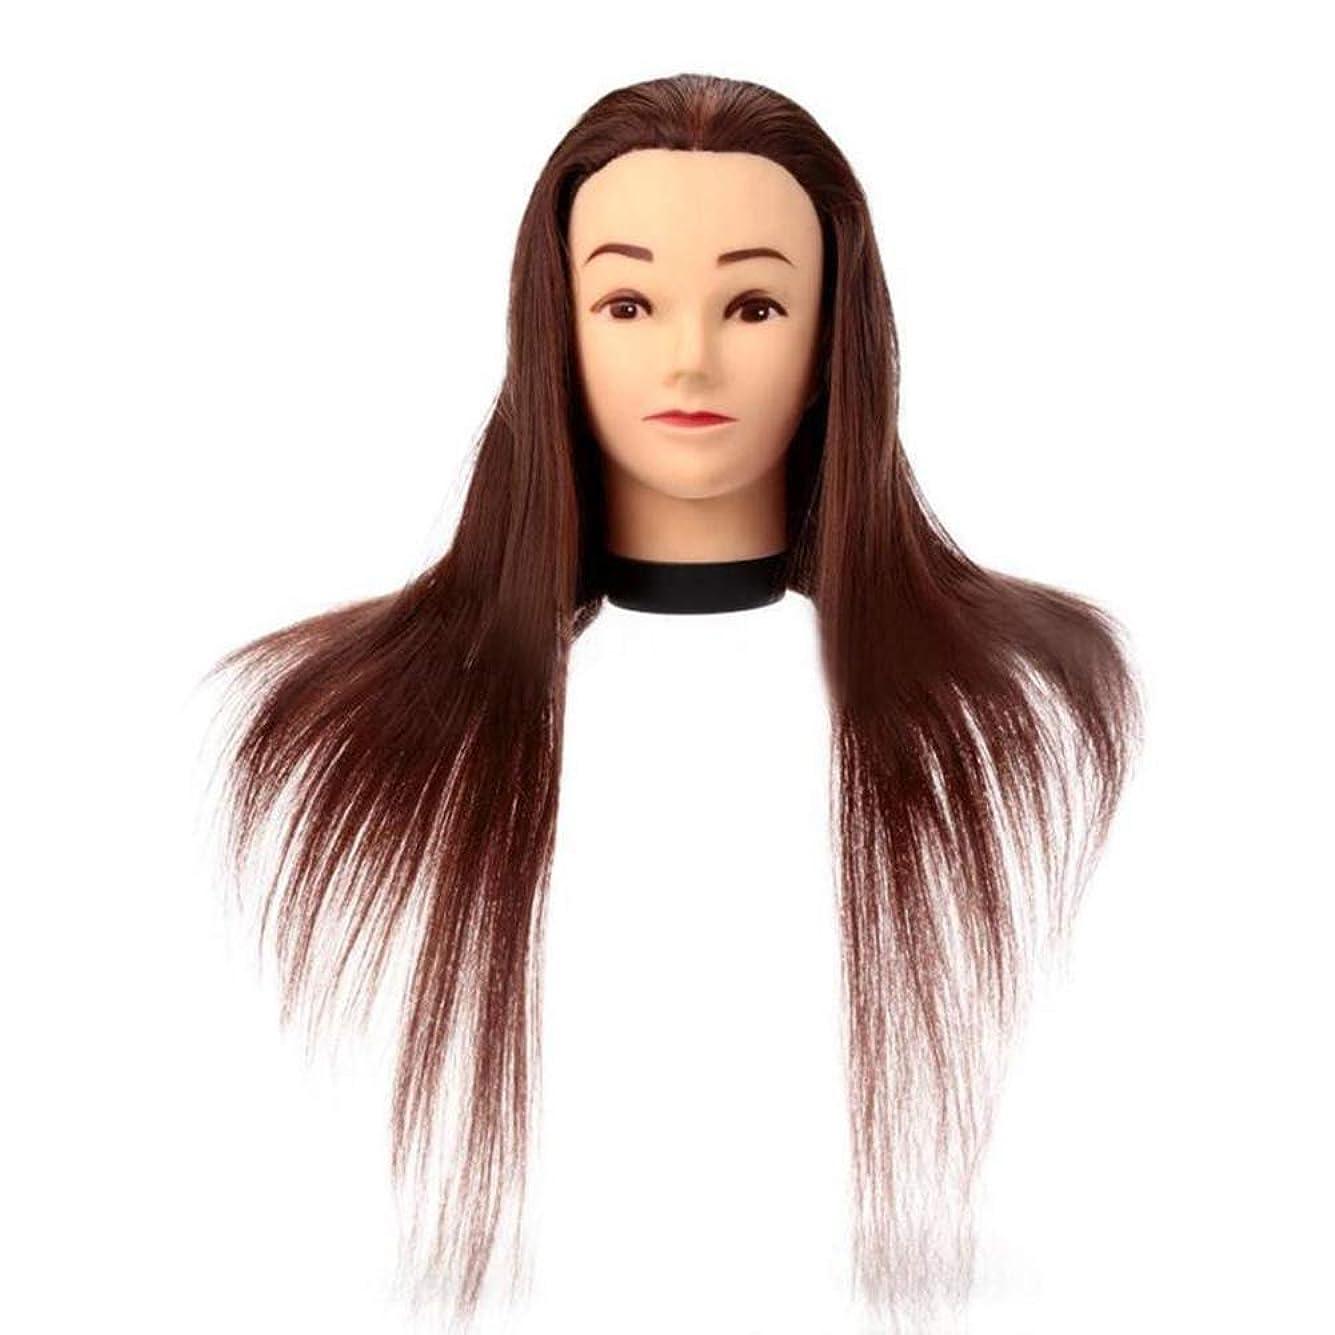 尊厳遵守するなめらかなサロン散髪練習ヘッドモデルメイク学校編組髪開発学習モデルヘッドヘアストレートロングかつら